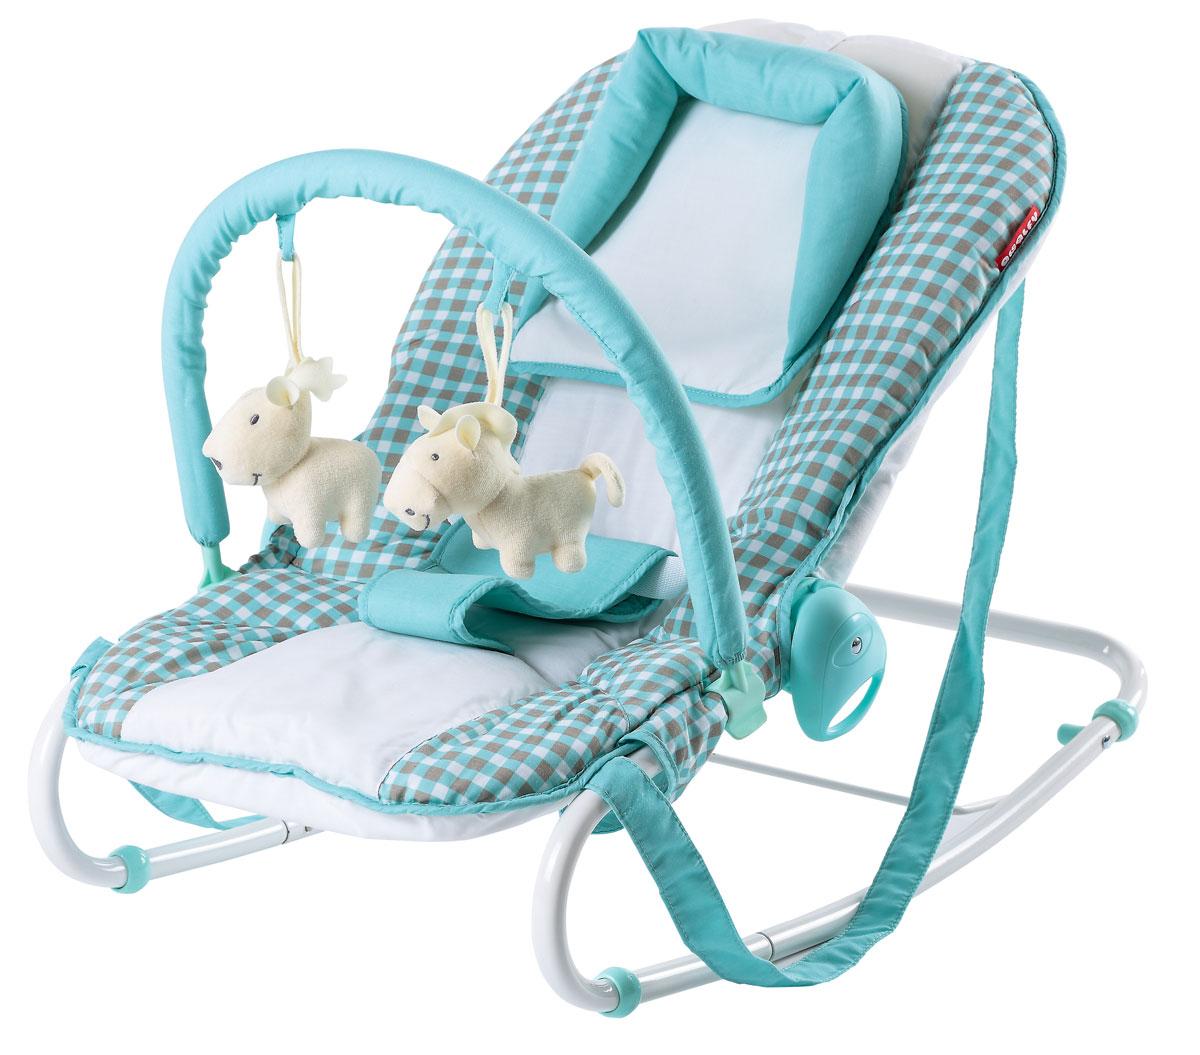 Happy Baby Шезлонг НB-8023 Т Aqua4650069783558Регулировка наклона, 3 положения Трехточечные ремни безопасности ограничители движения Съемная дуга с игрушками Удобная ручка для переноски Рекомендуемый возраст: от рождения до 6 месяцев Максимальный вес ребенка: 9 кг Размеры в разложенном виде ДхШхВ: 42х64х57 см Размеры в сложенном виде ДхШхВ:44х12х50 см Длина сиденья: 75,5 см Ширина сиденья:18 см Вес шезлонга: 3,6 кг